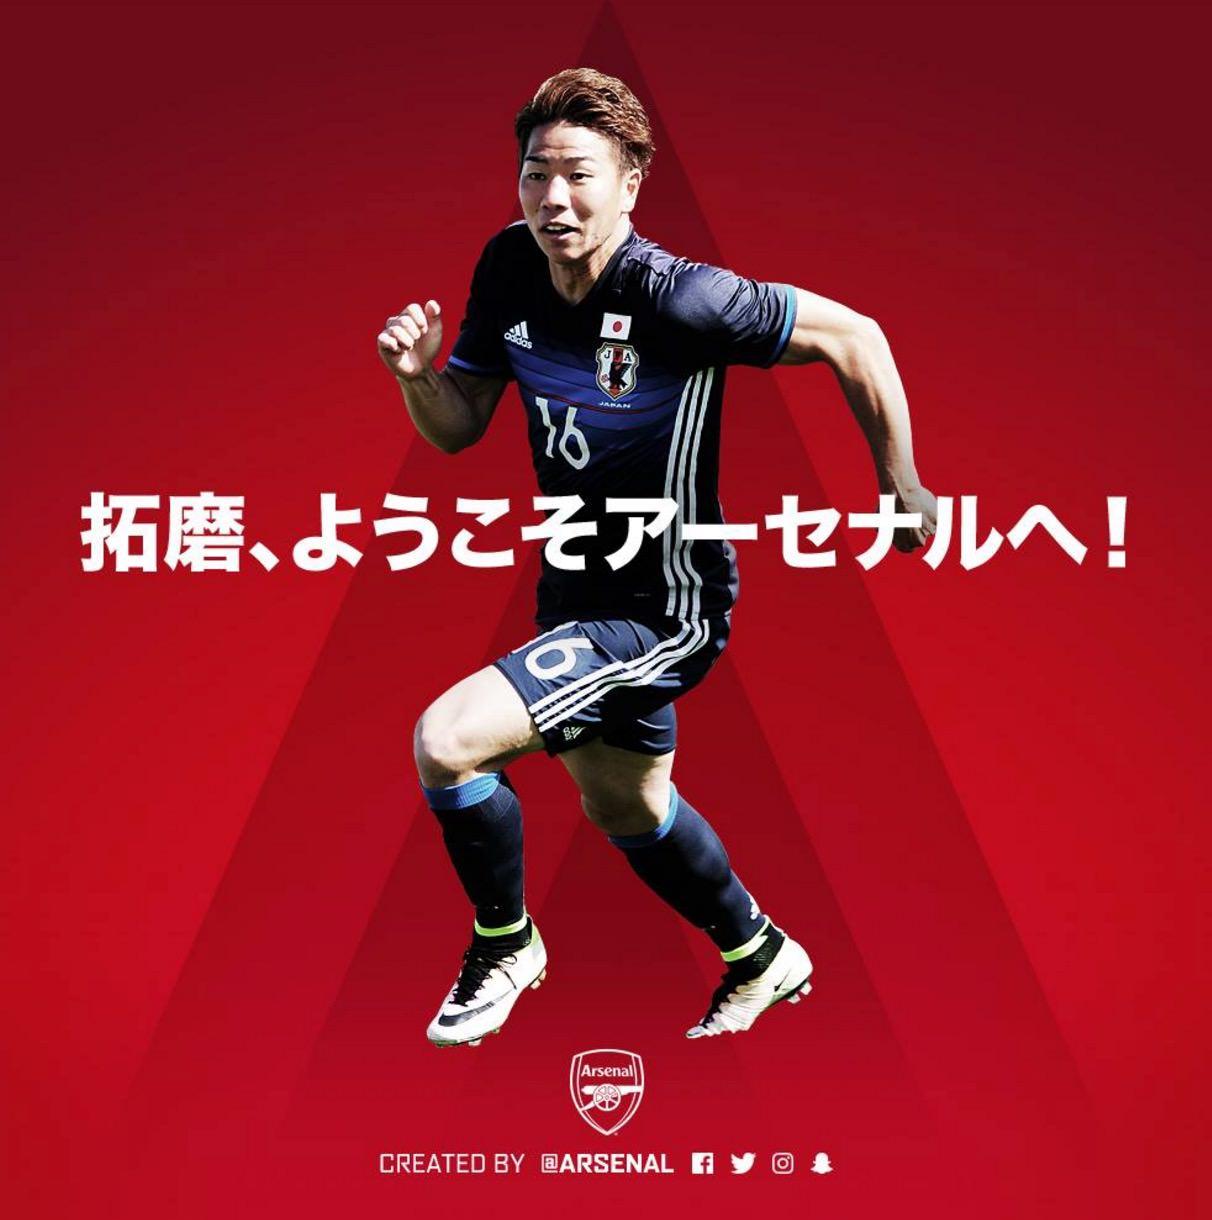 サンフレッチェ広島・浅野拓磨、プレミアリーグ・アーセナルに完全移籍